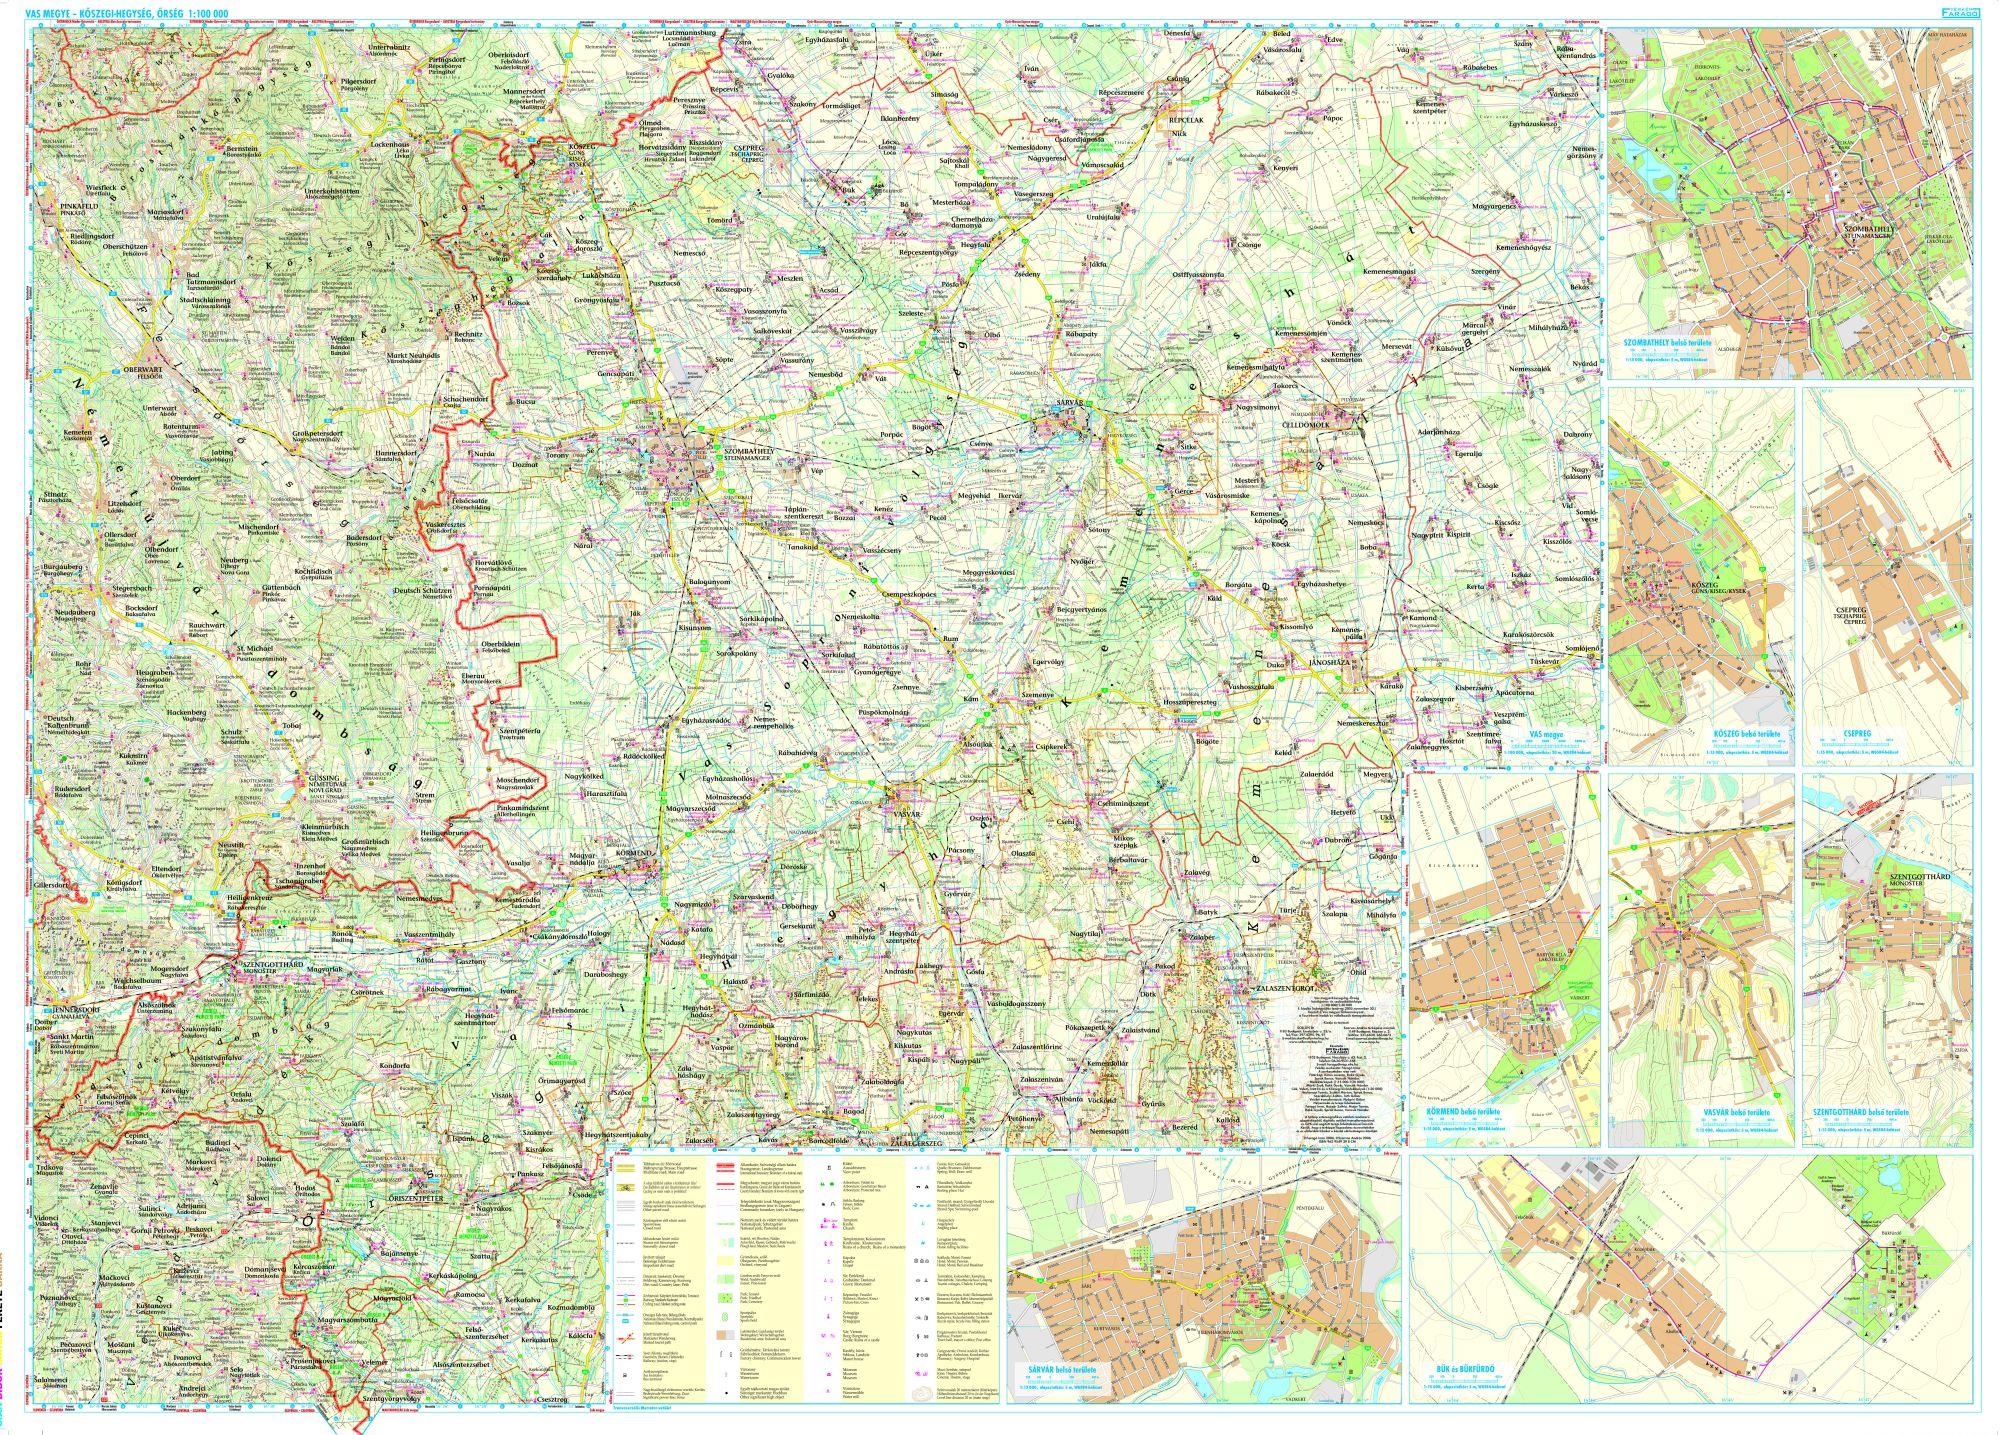 Részletes turista-biciklis térkép mobil eszközökre